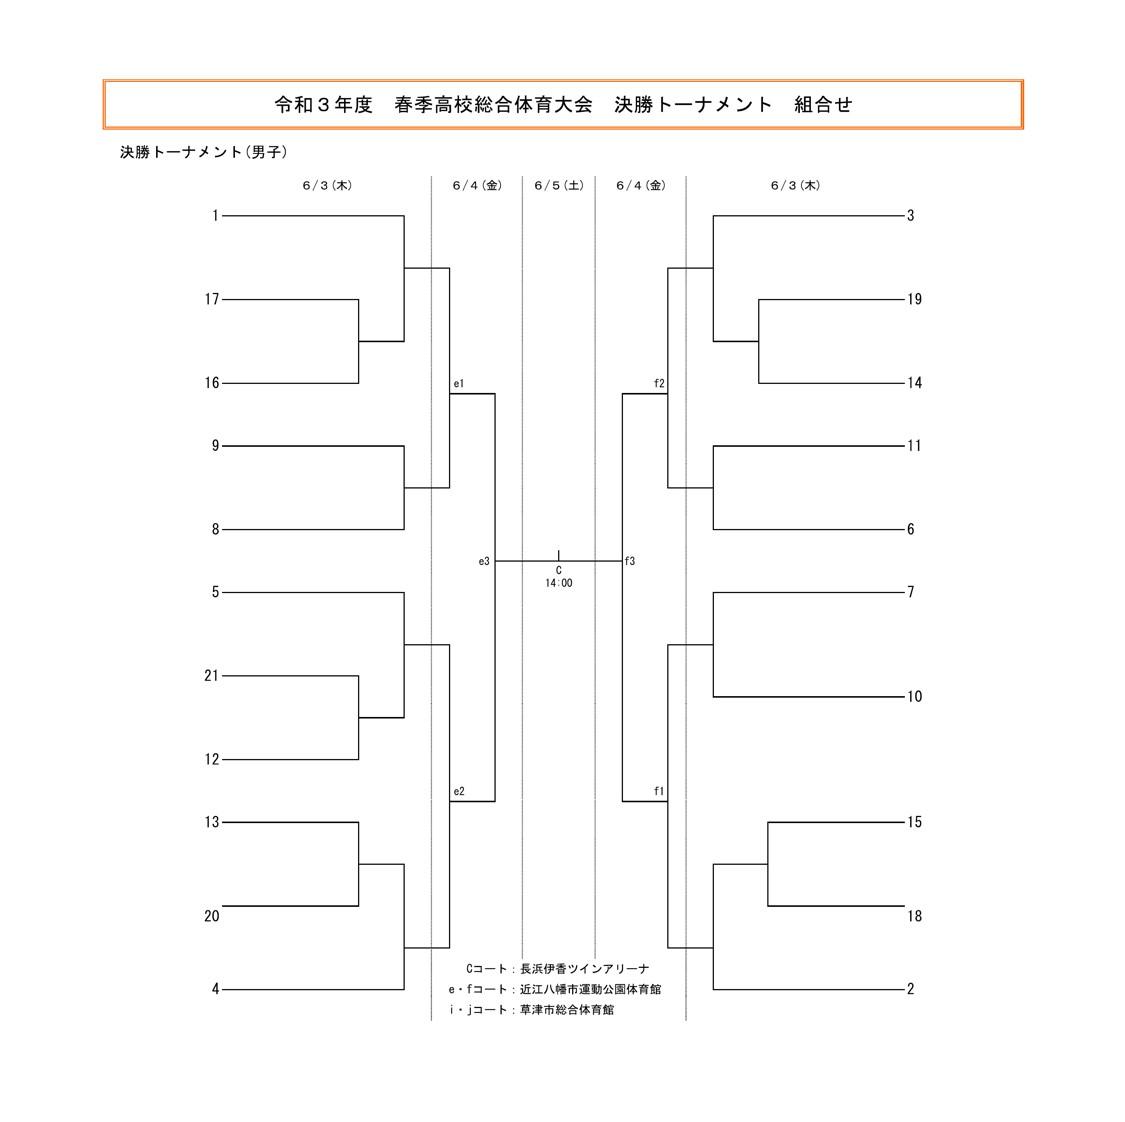 2021年度_インターハイ予選_滋賀県予選_男子_組合せ2